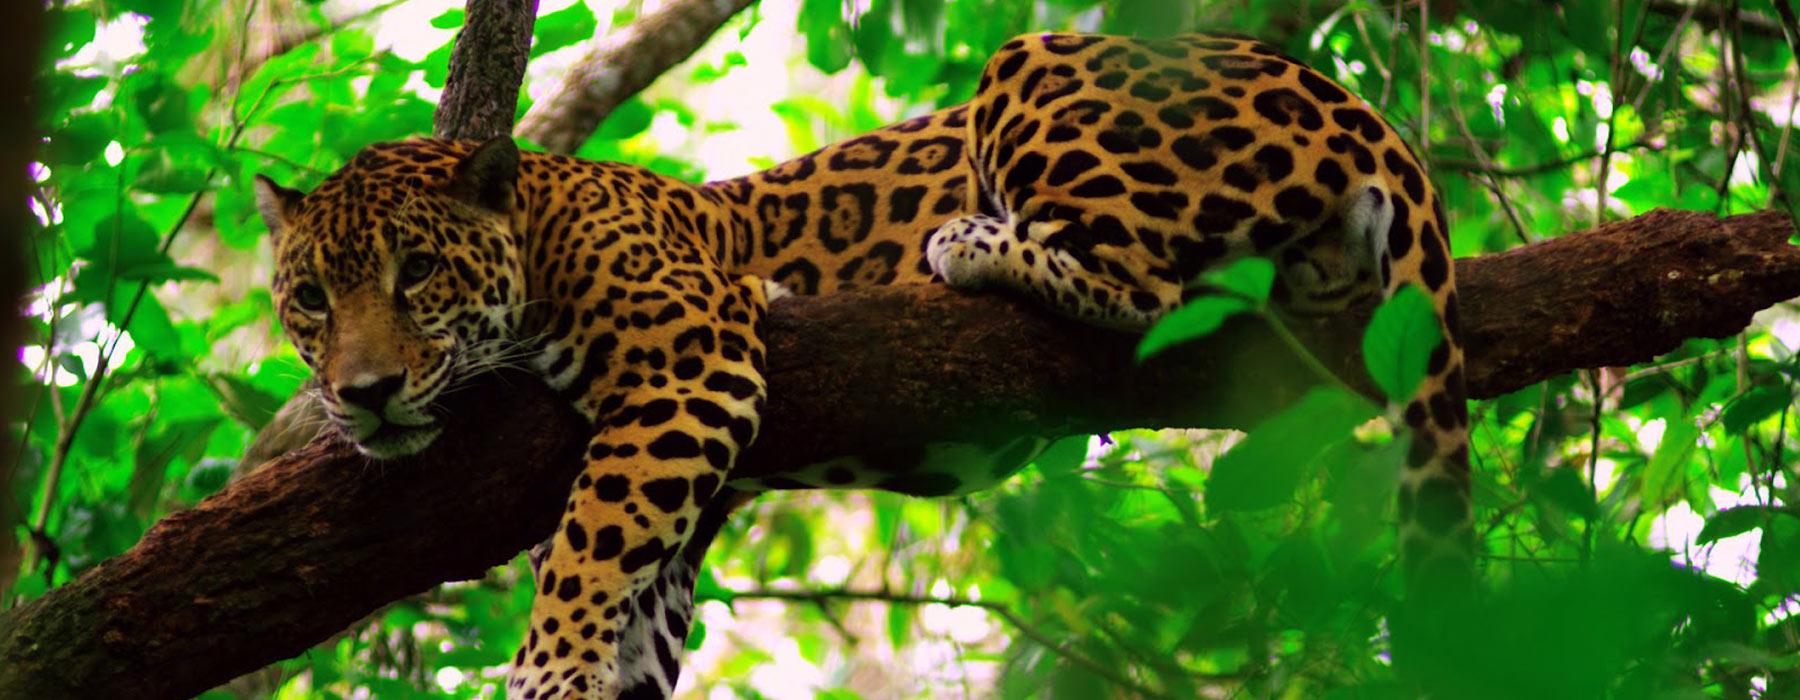 Belize jaguar adventure